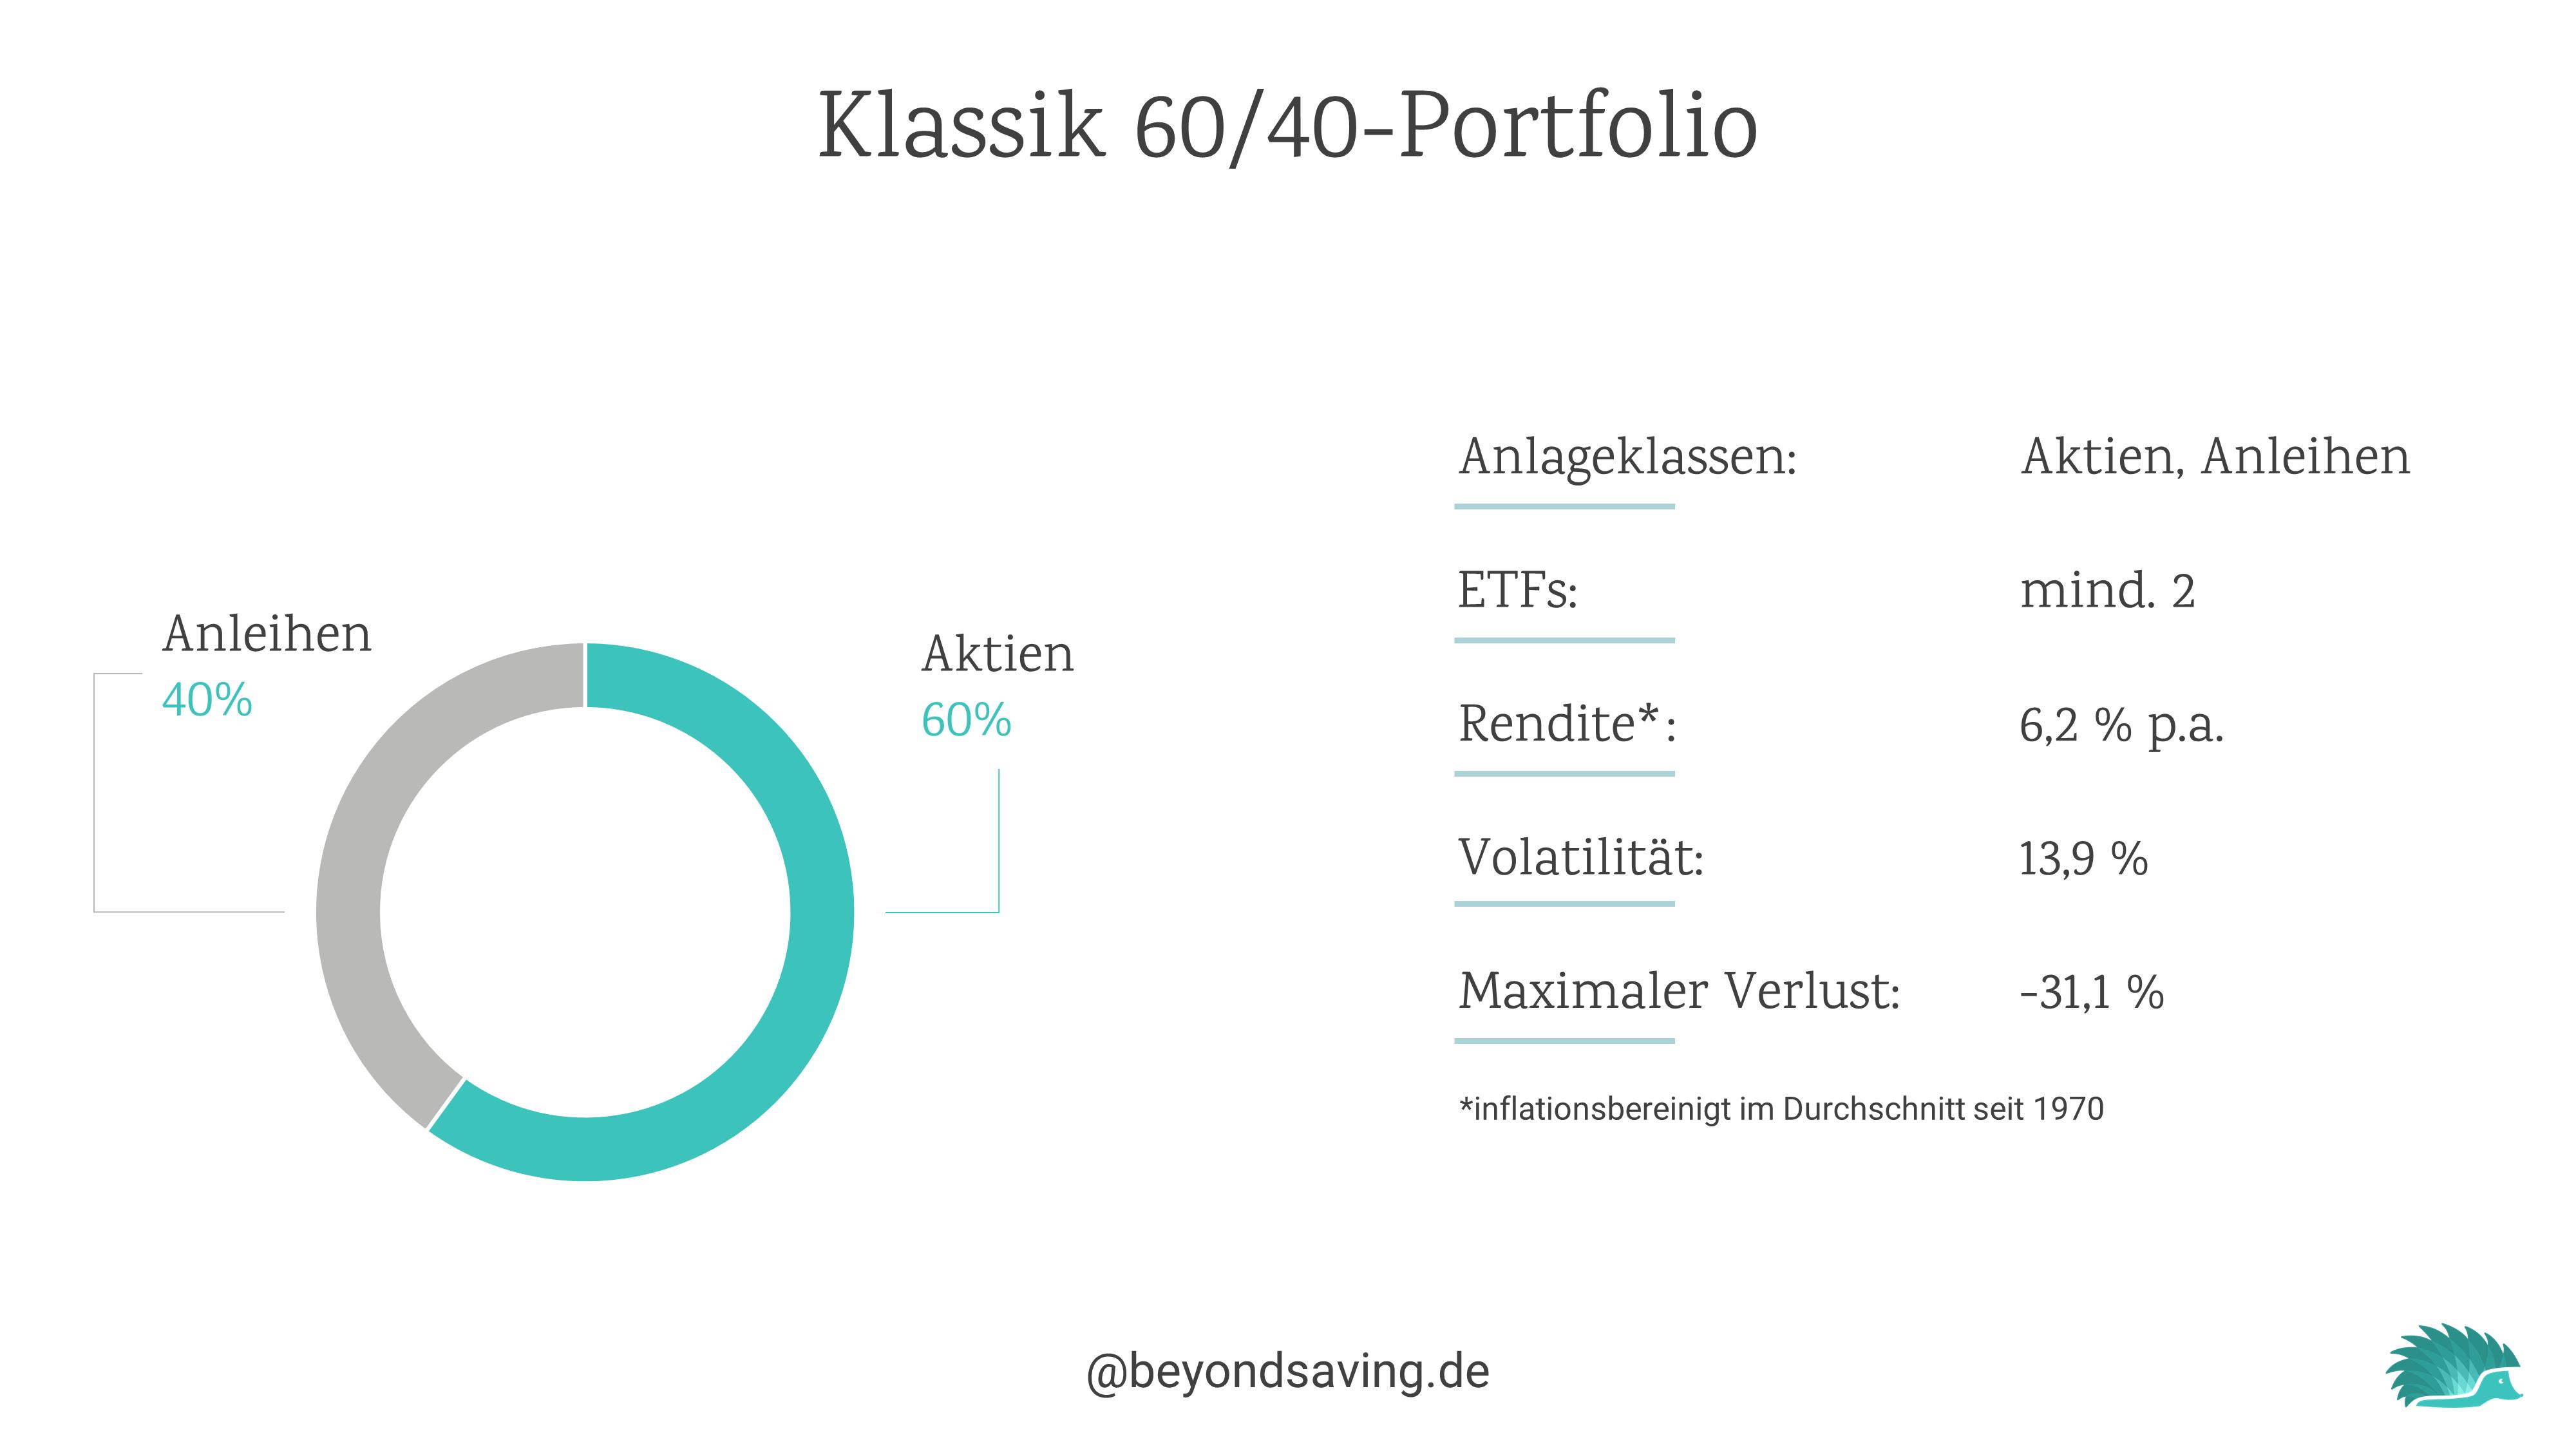 60-40-portfolio